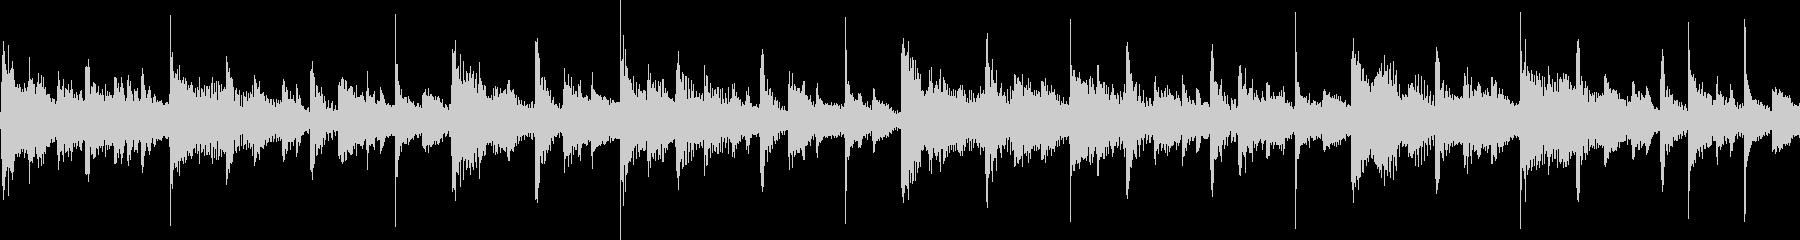 スタイリッシュなシンセジングル(ループ)の未再生の波形